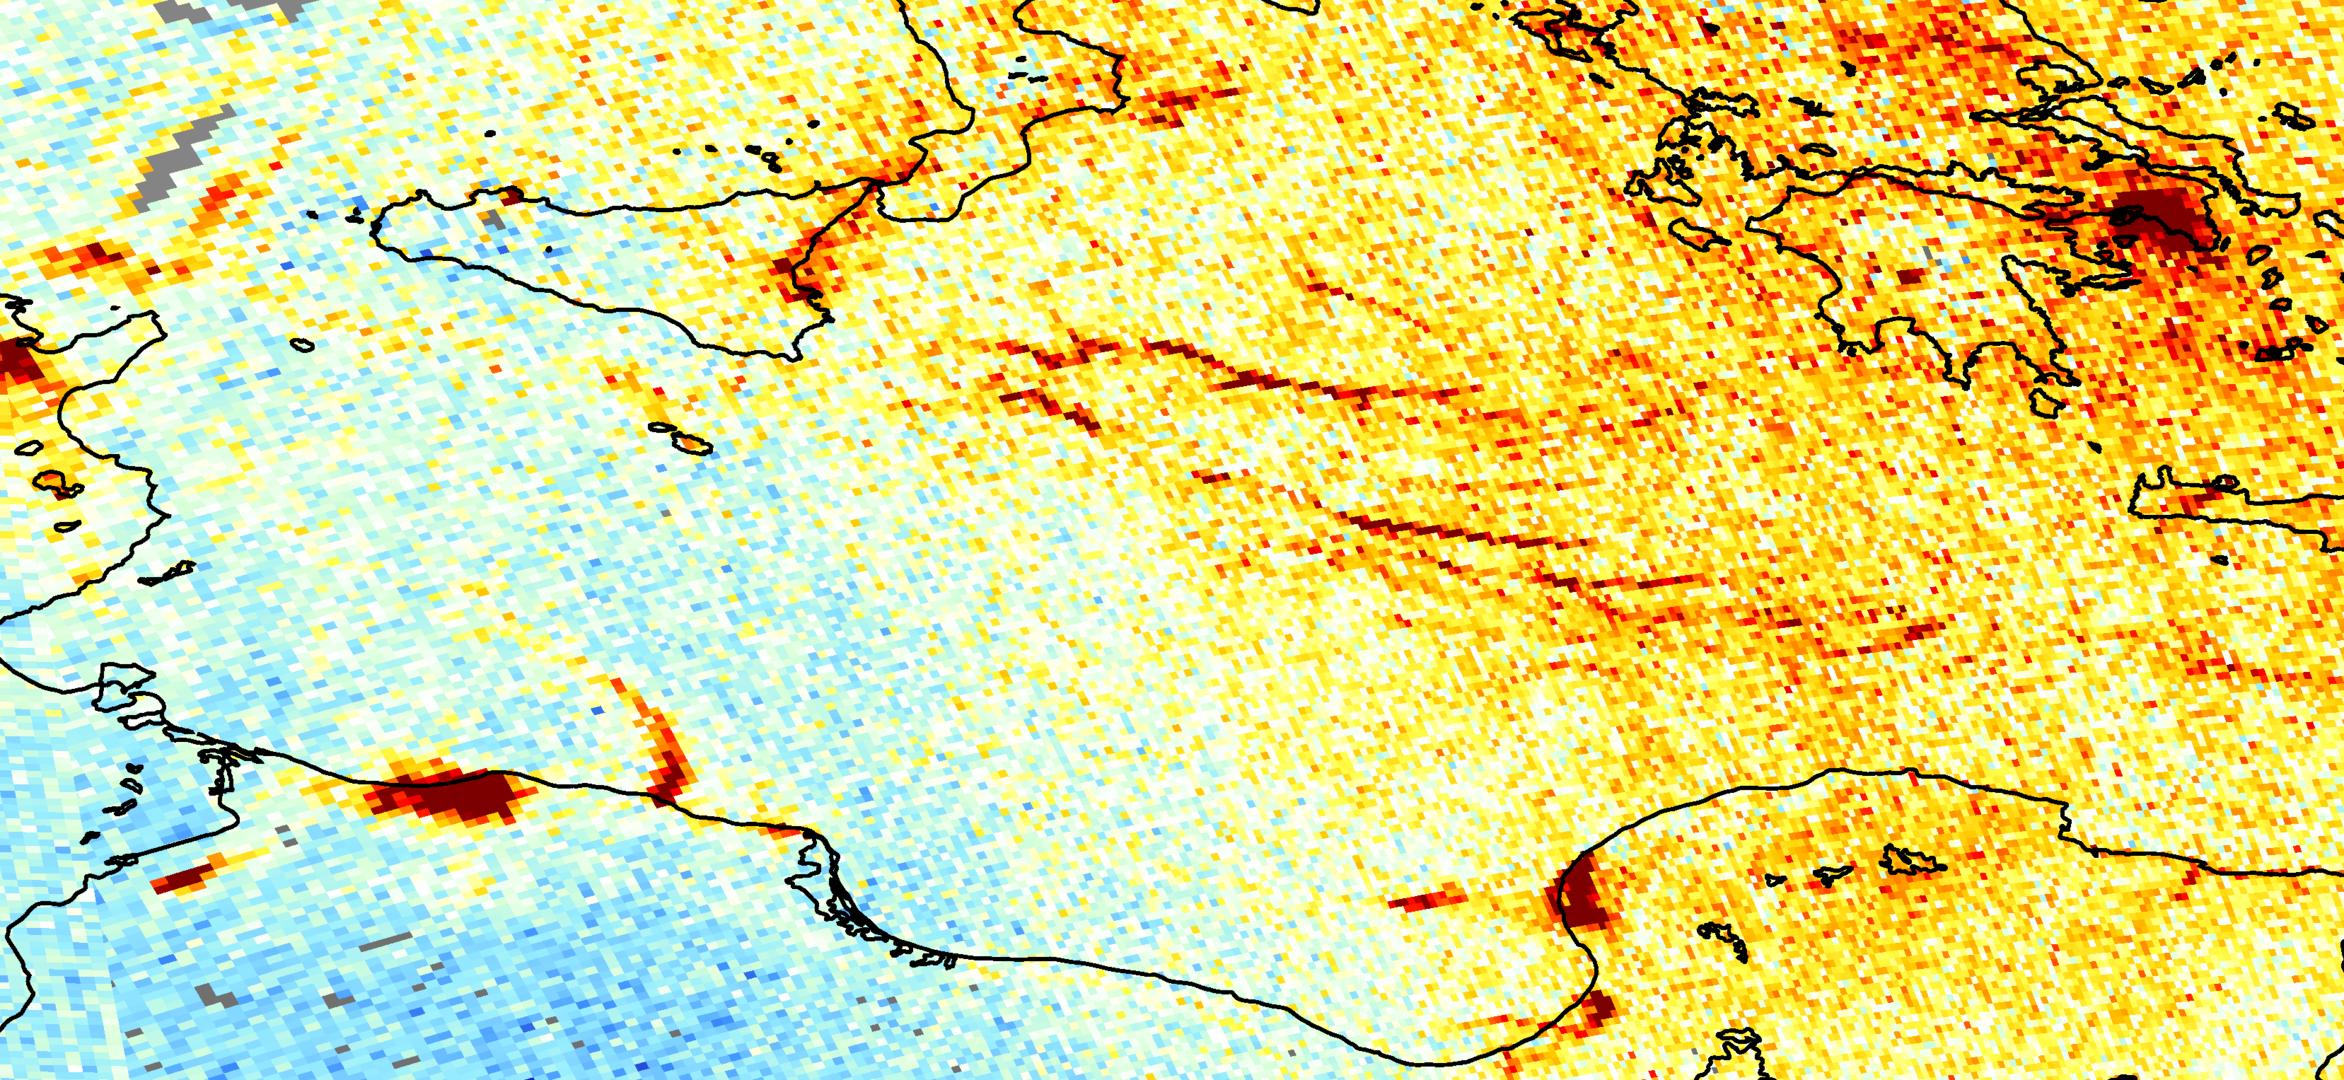 Nitrogen dioxide emissions over the Mediterranean